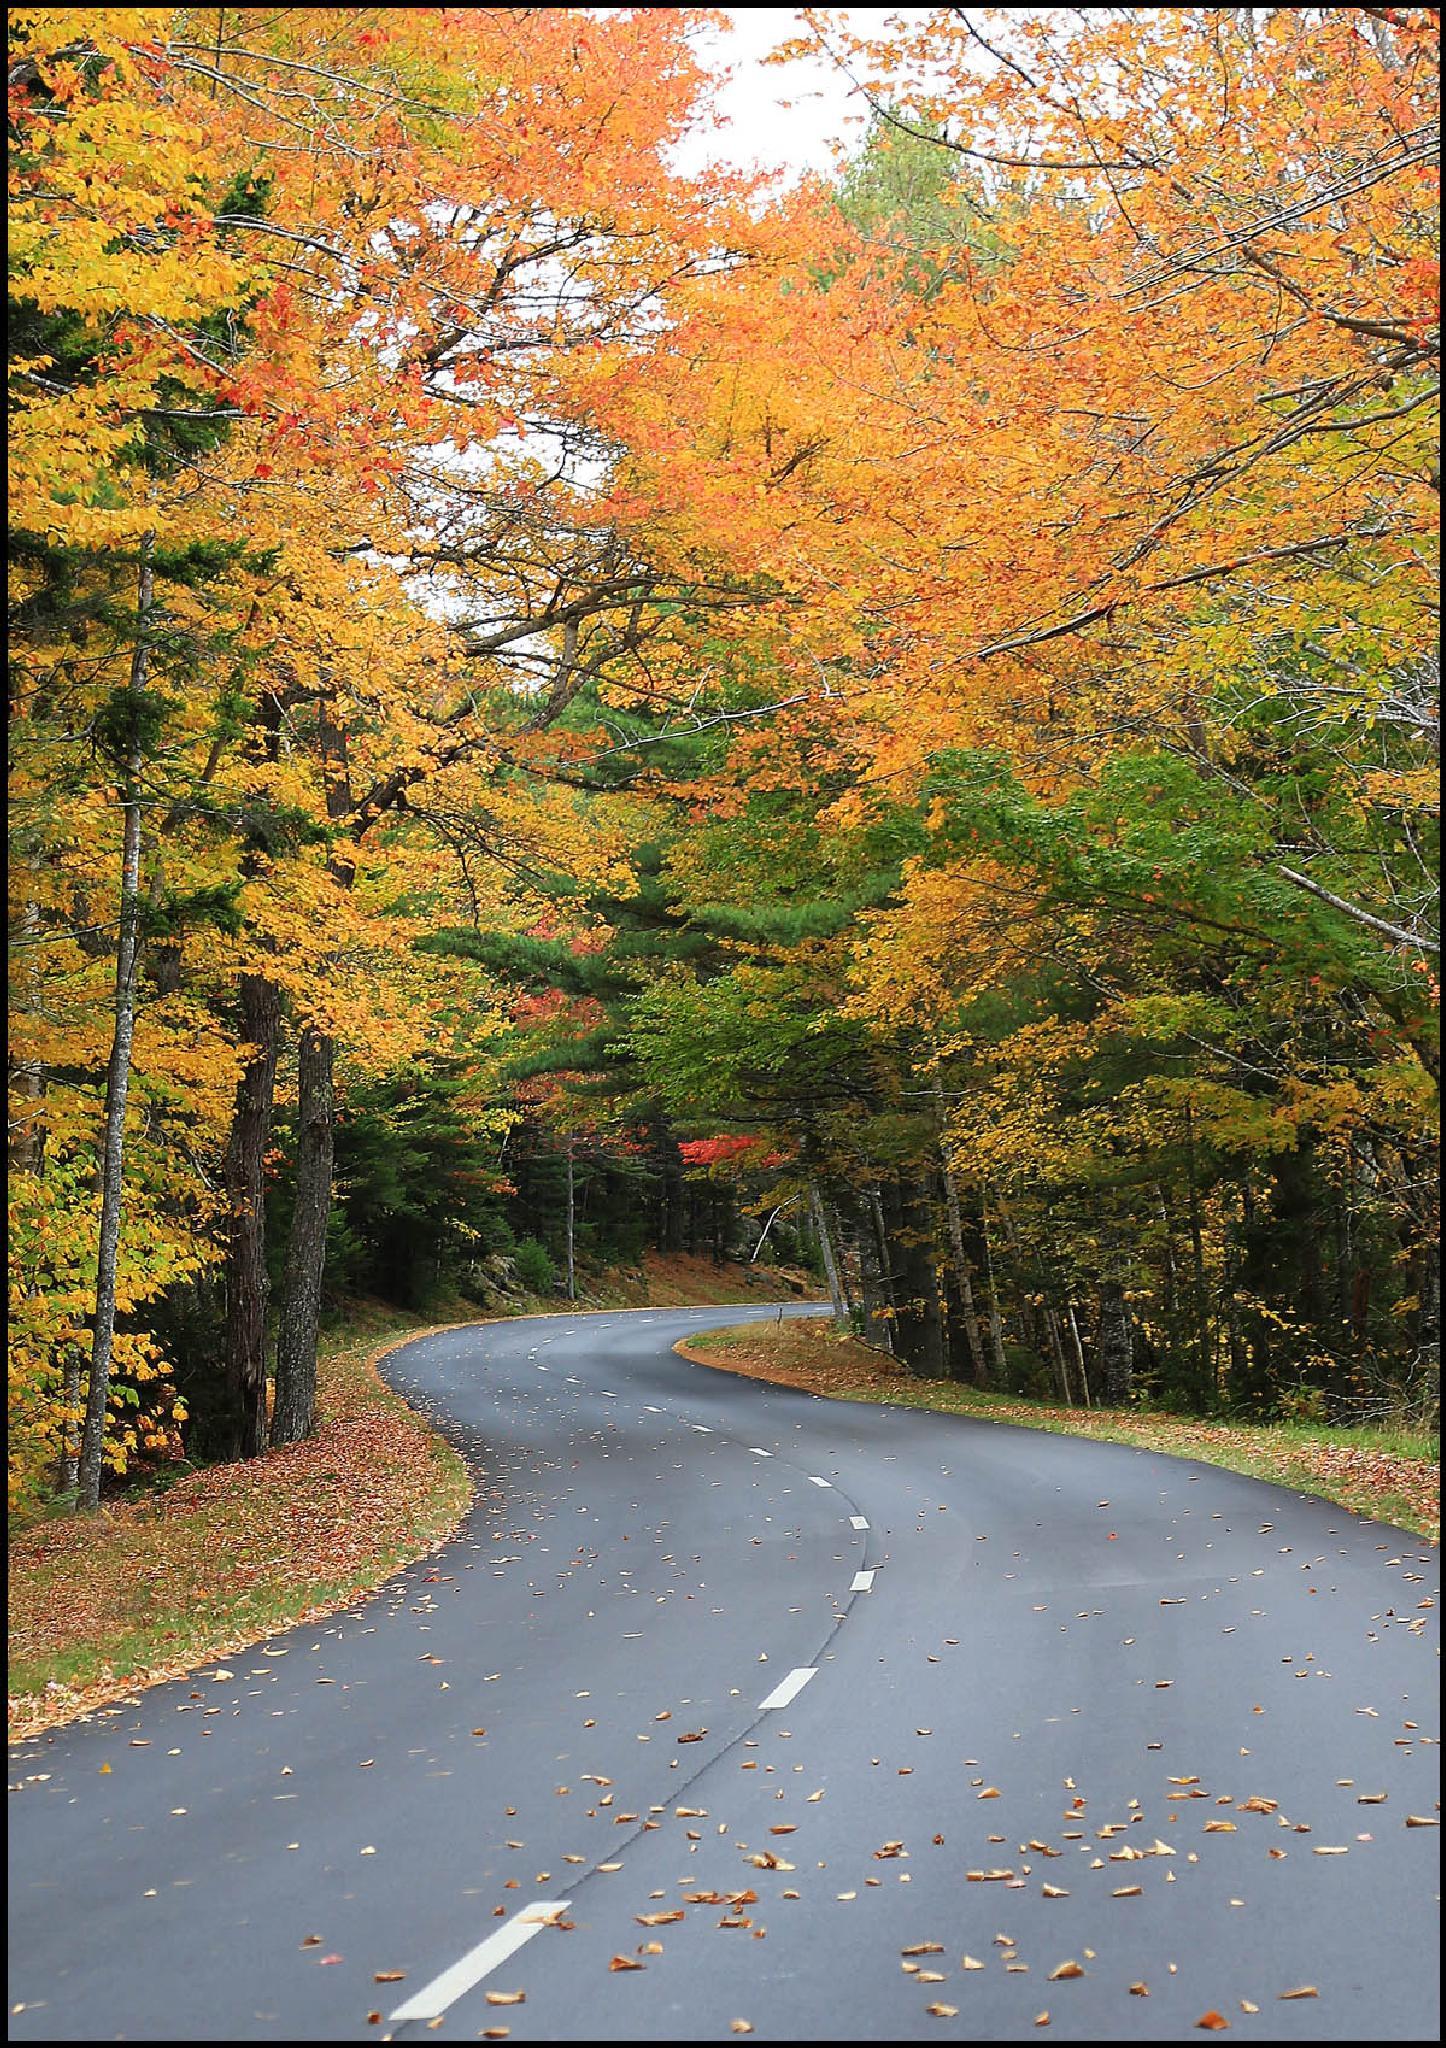 Country Road by Linda Ruiz